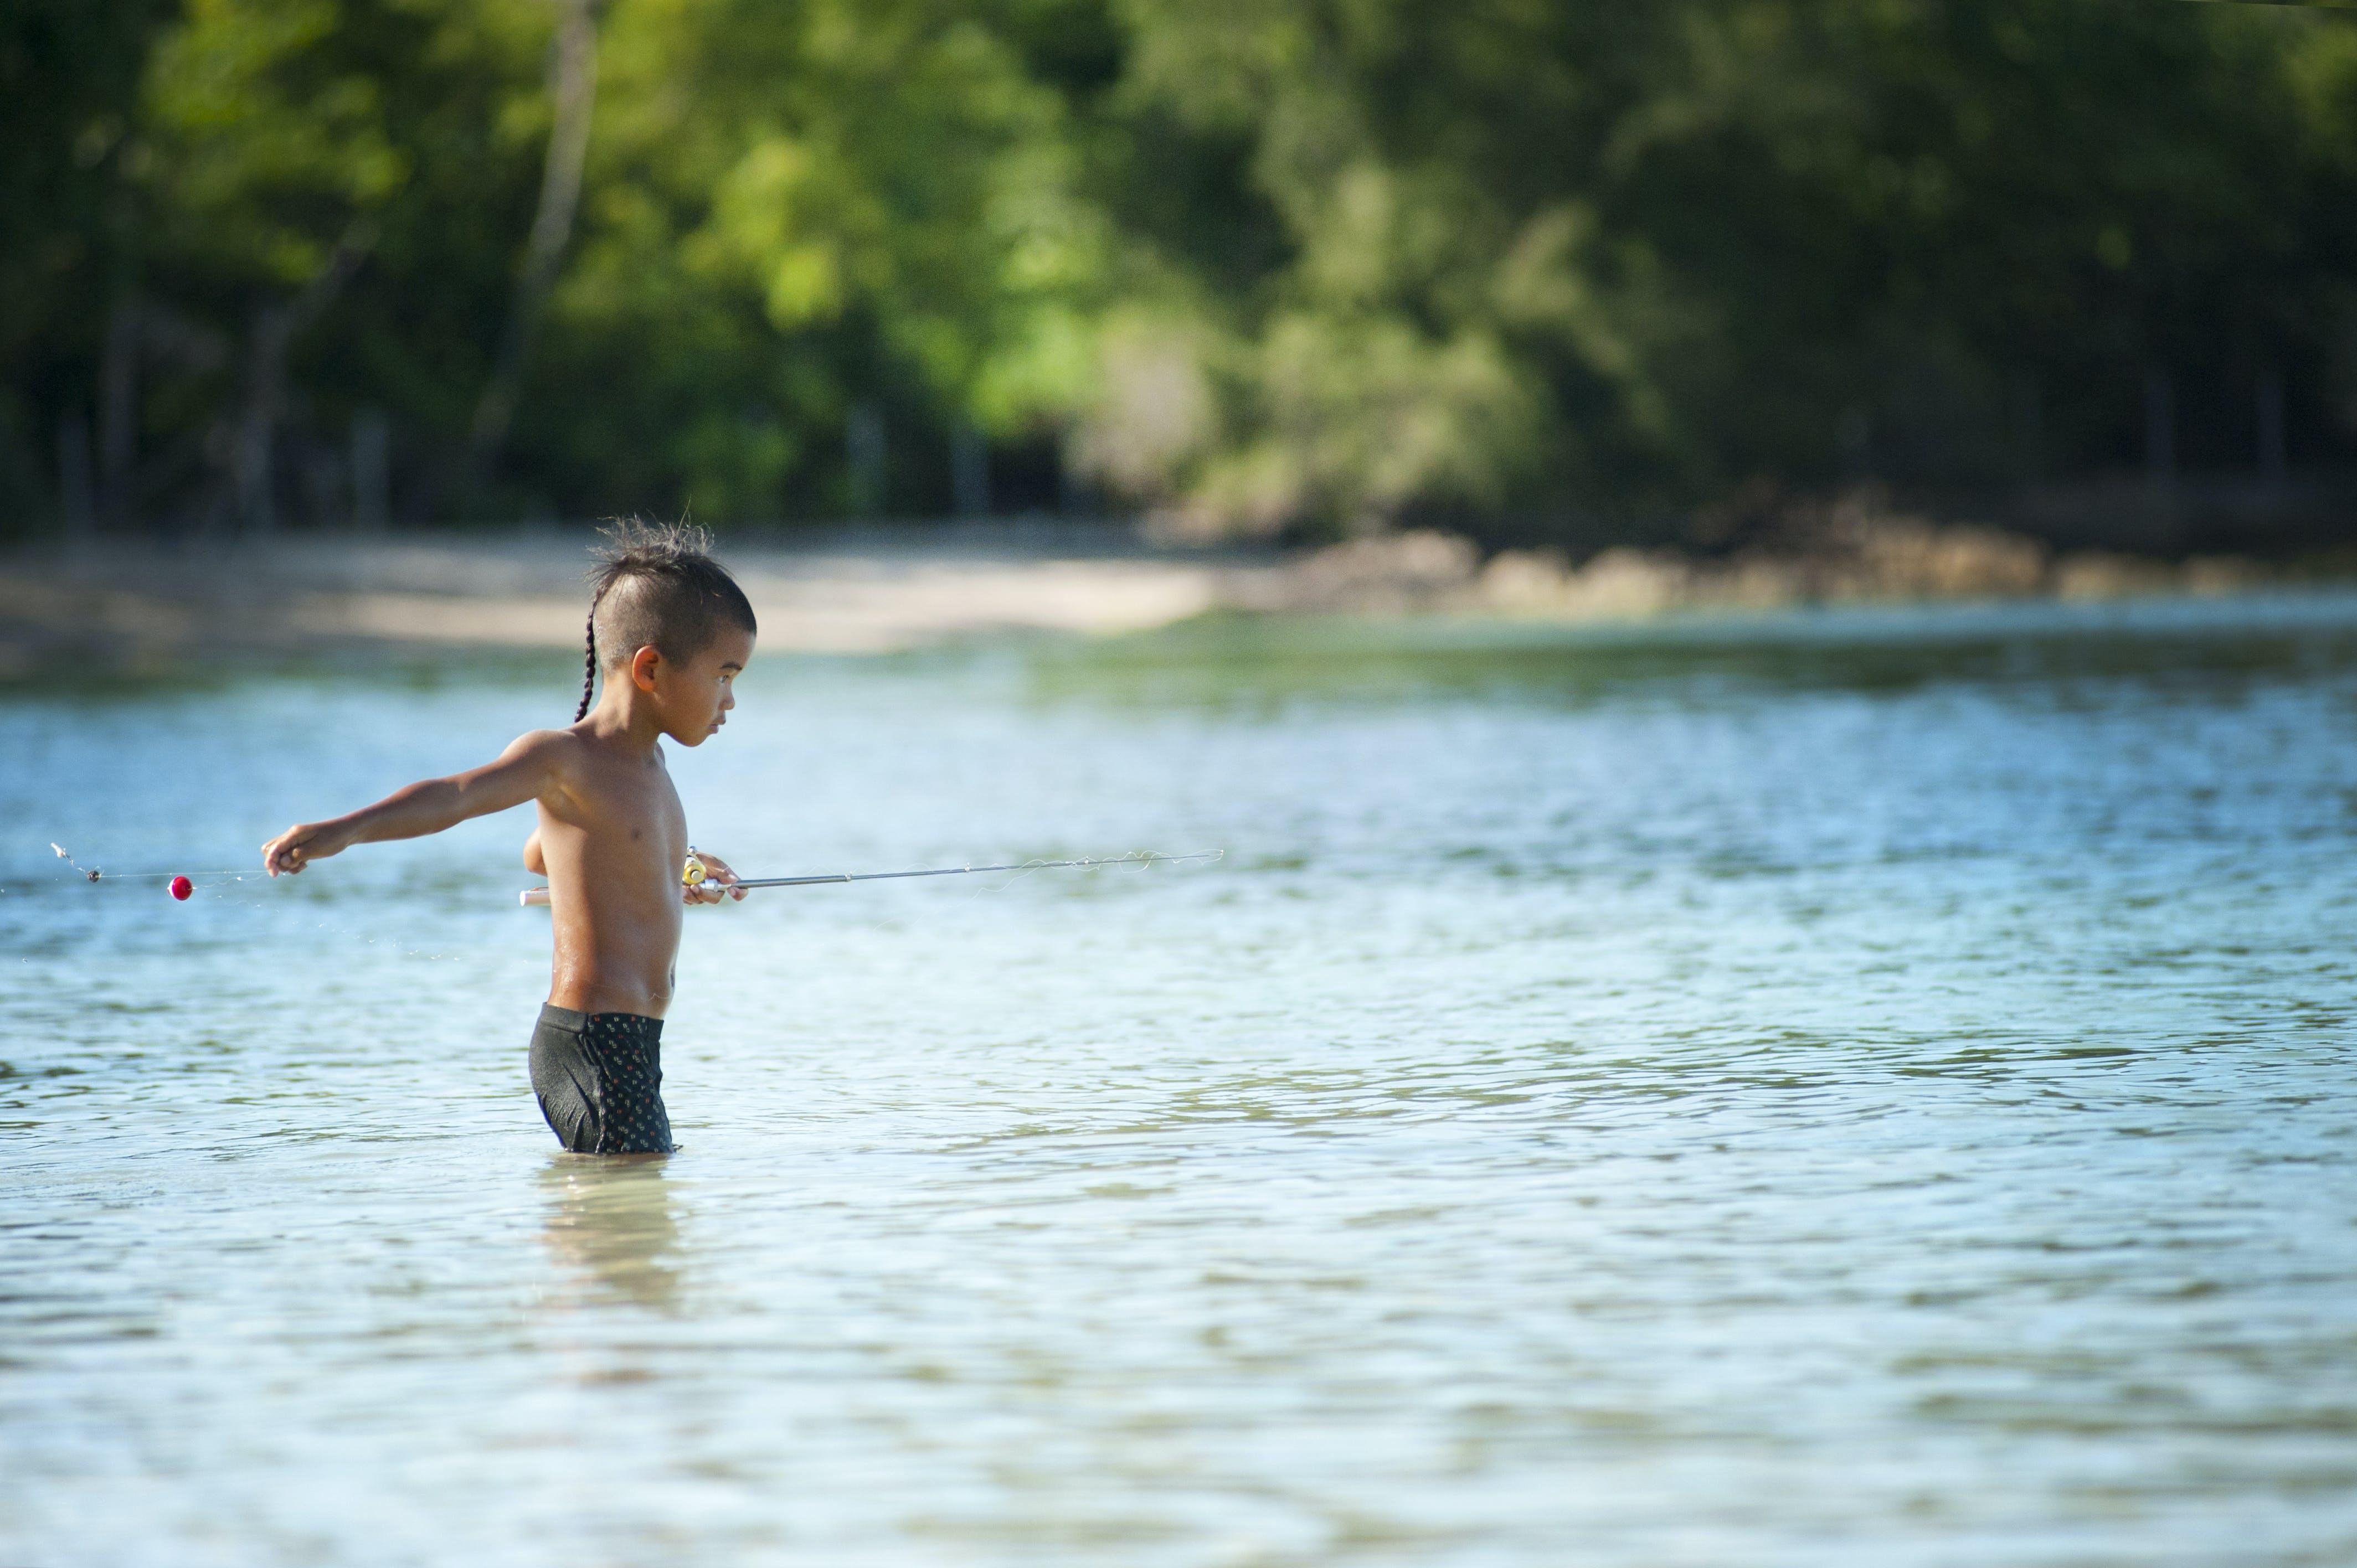 aksiyon, asyalı çocuk, asyalı erkek çocuk, balıkçı içeren Ücretsiz stok fotoğraf